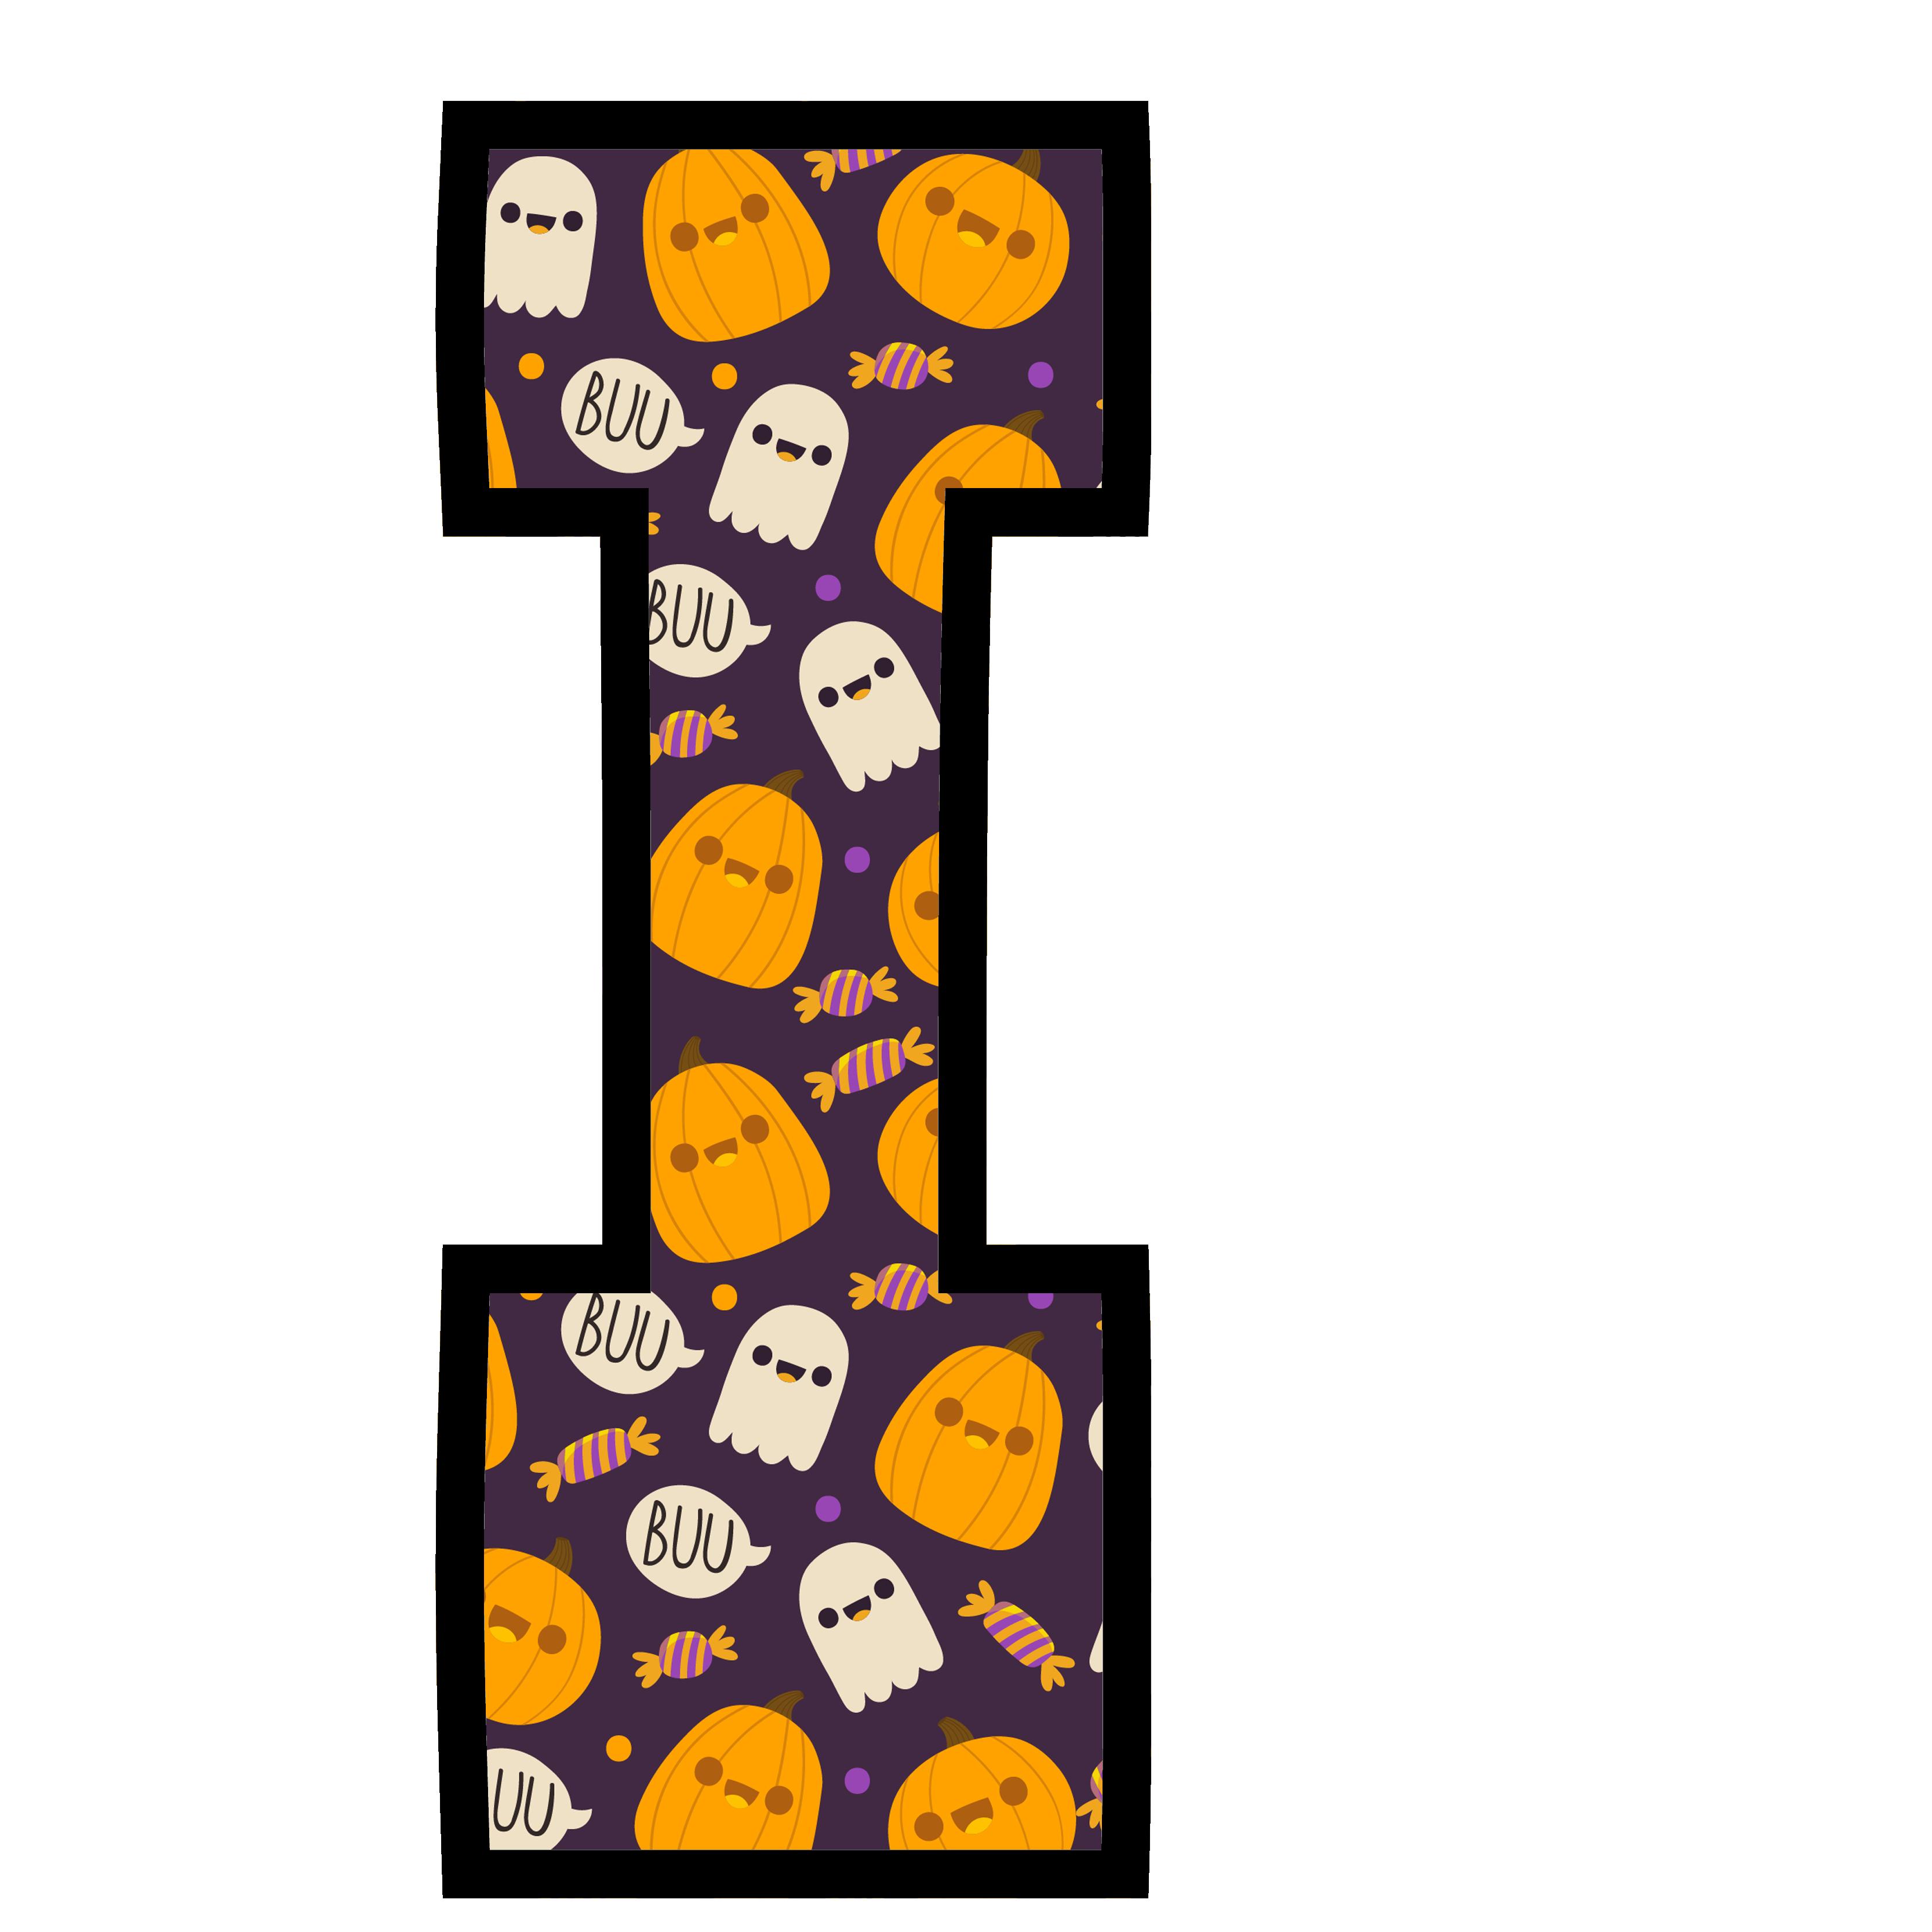 alfabeto personalizado fantasma halloween 9